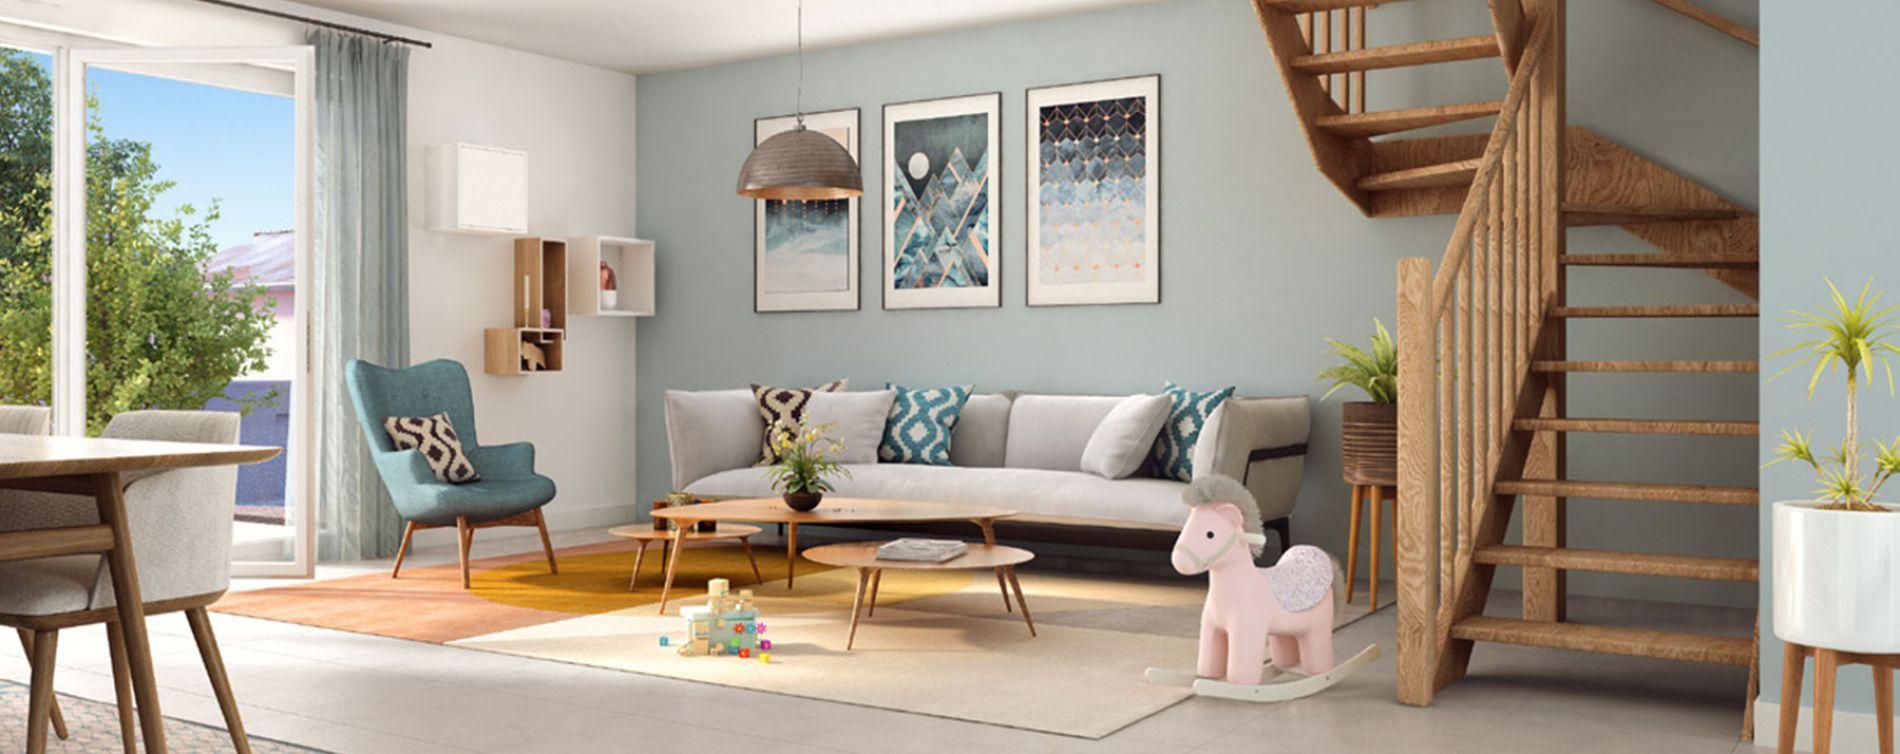 L'Isle-d'Abeau : programme immobilier neuve « Maisons Green Archipel » (2)